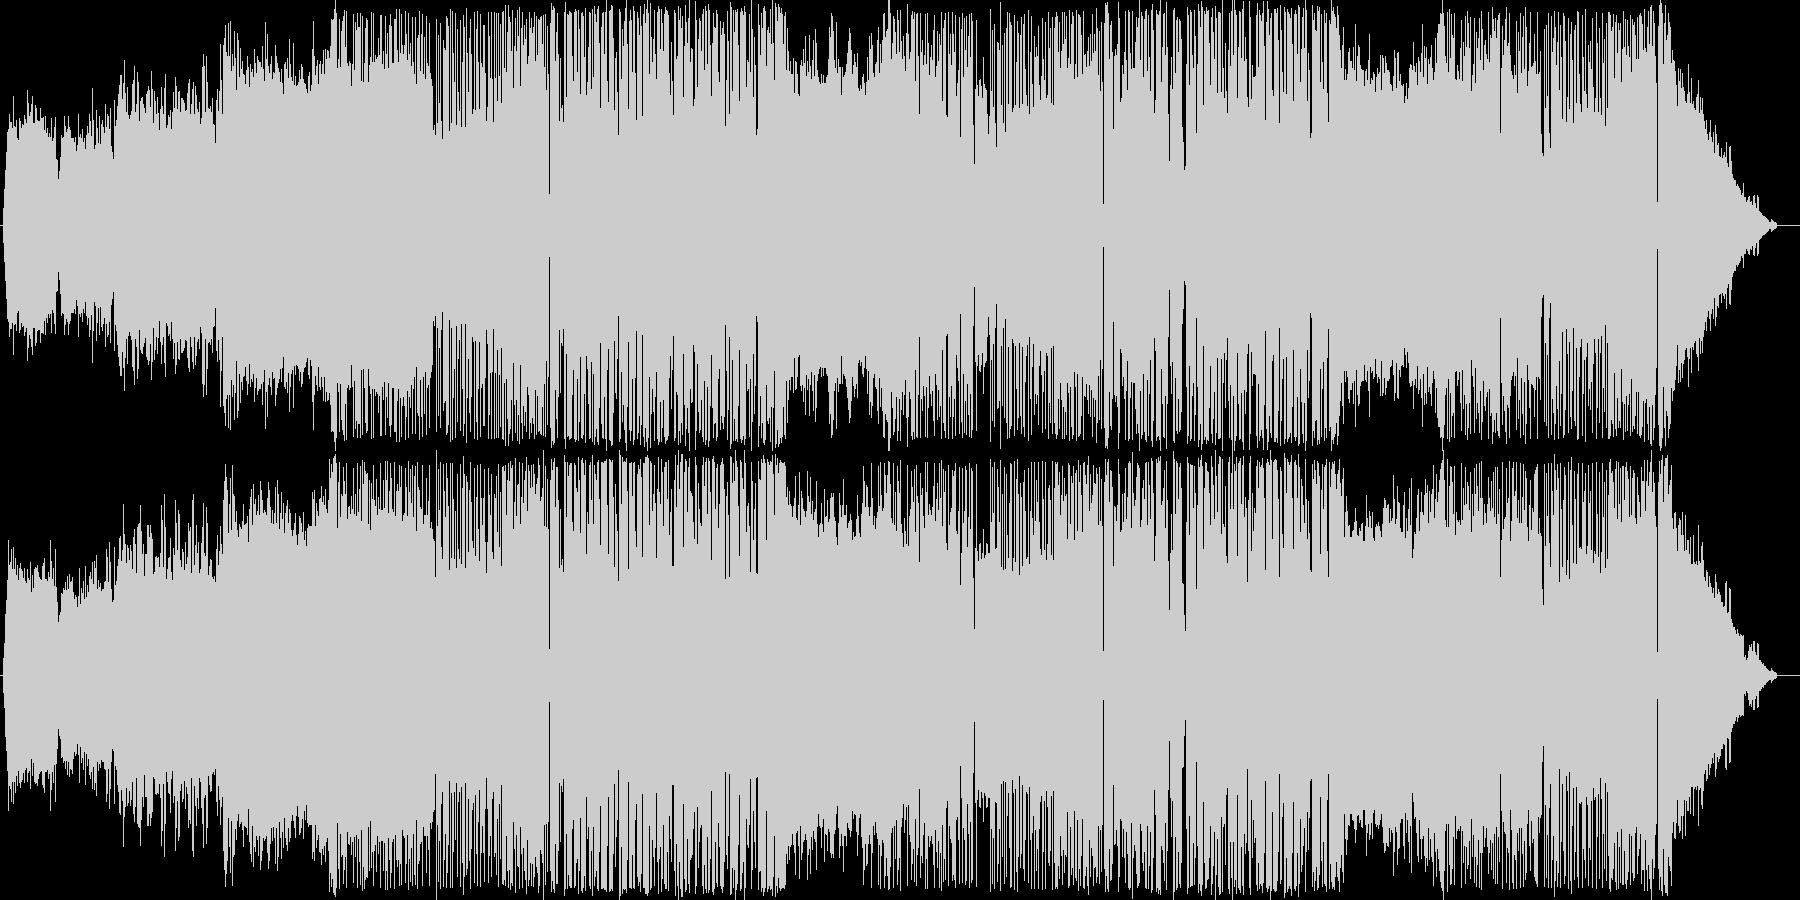 サイバーパンク・ゴシック系EDMの未再生の波形